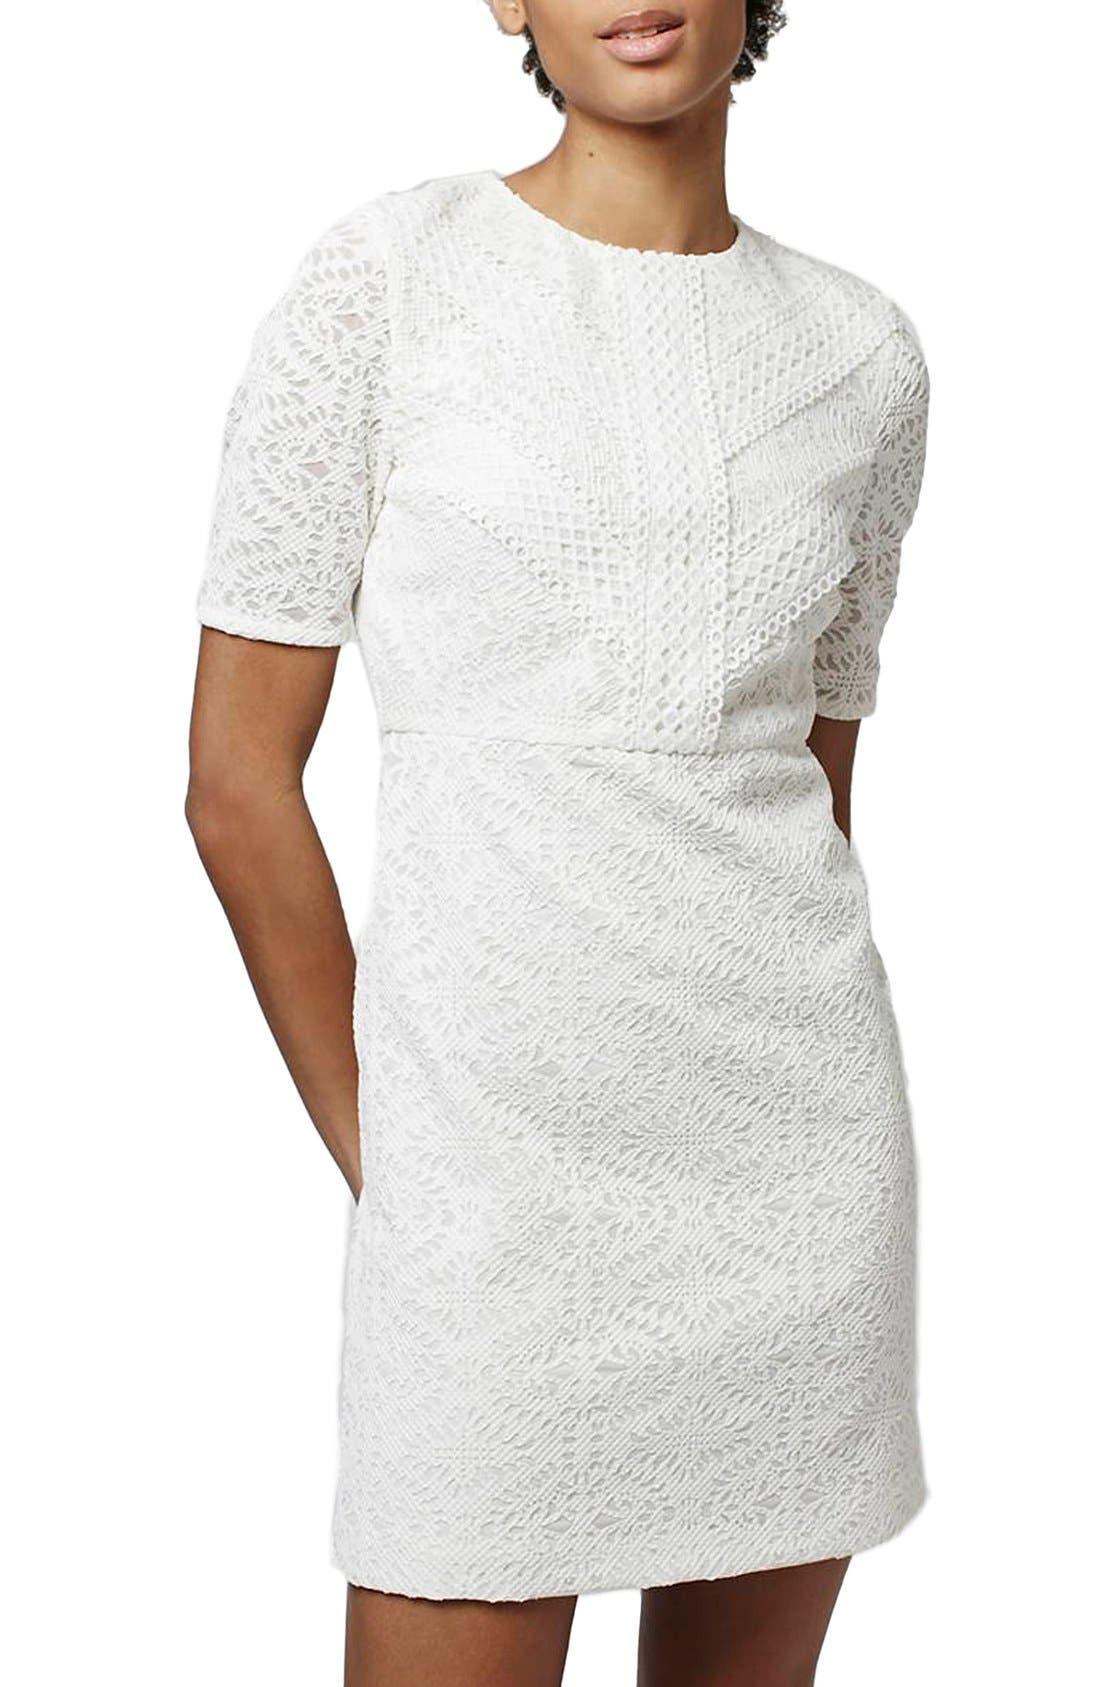 TOPSHOP Laser Cut Lace Shift Dress, Main, color, 900